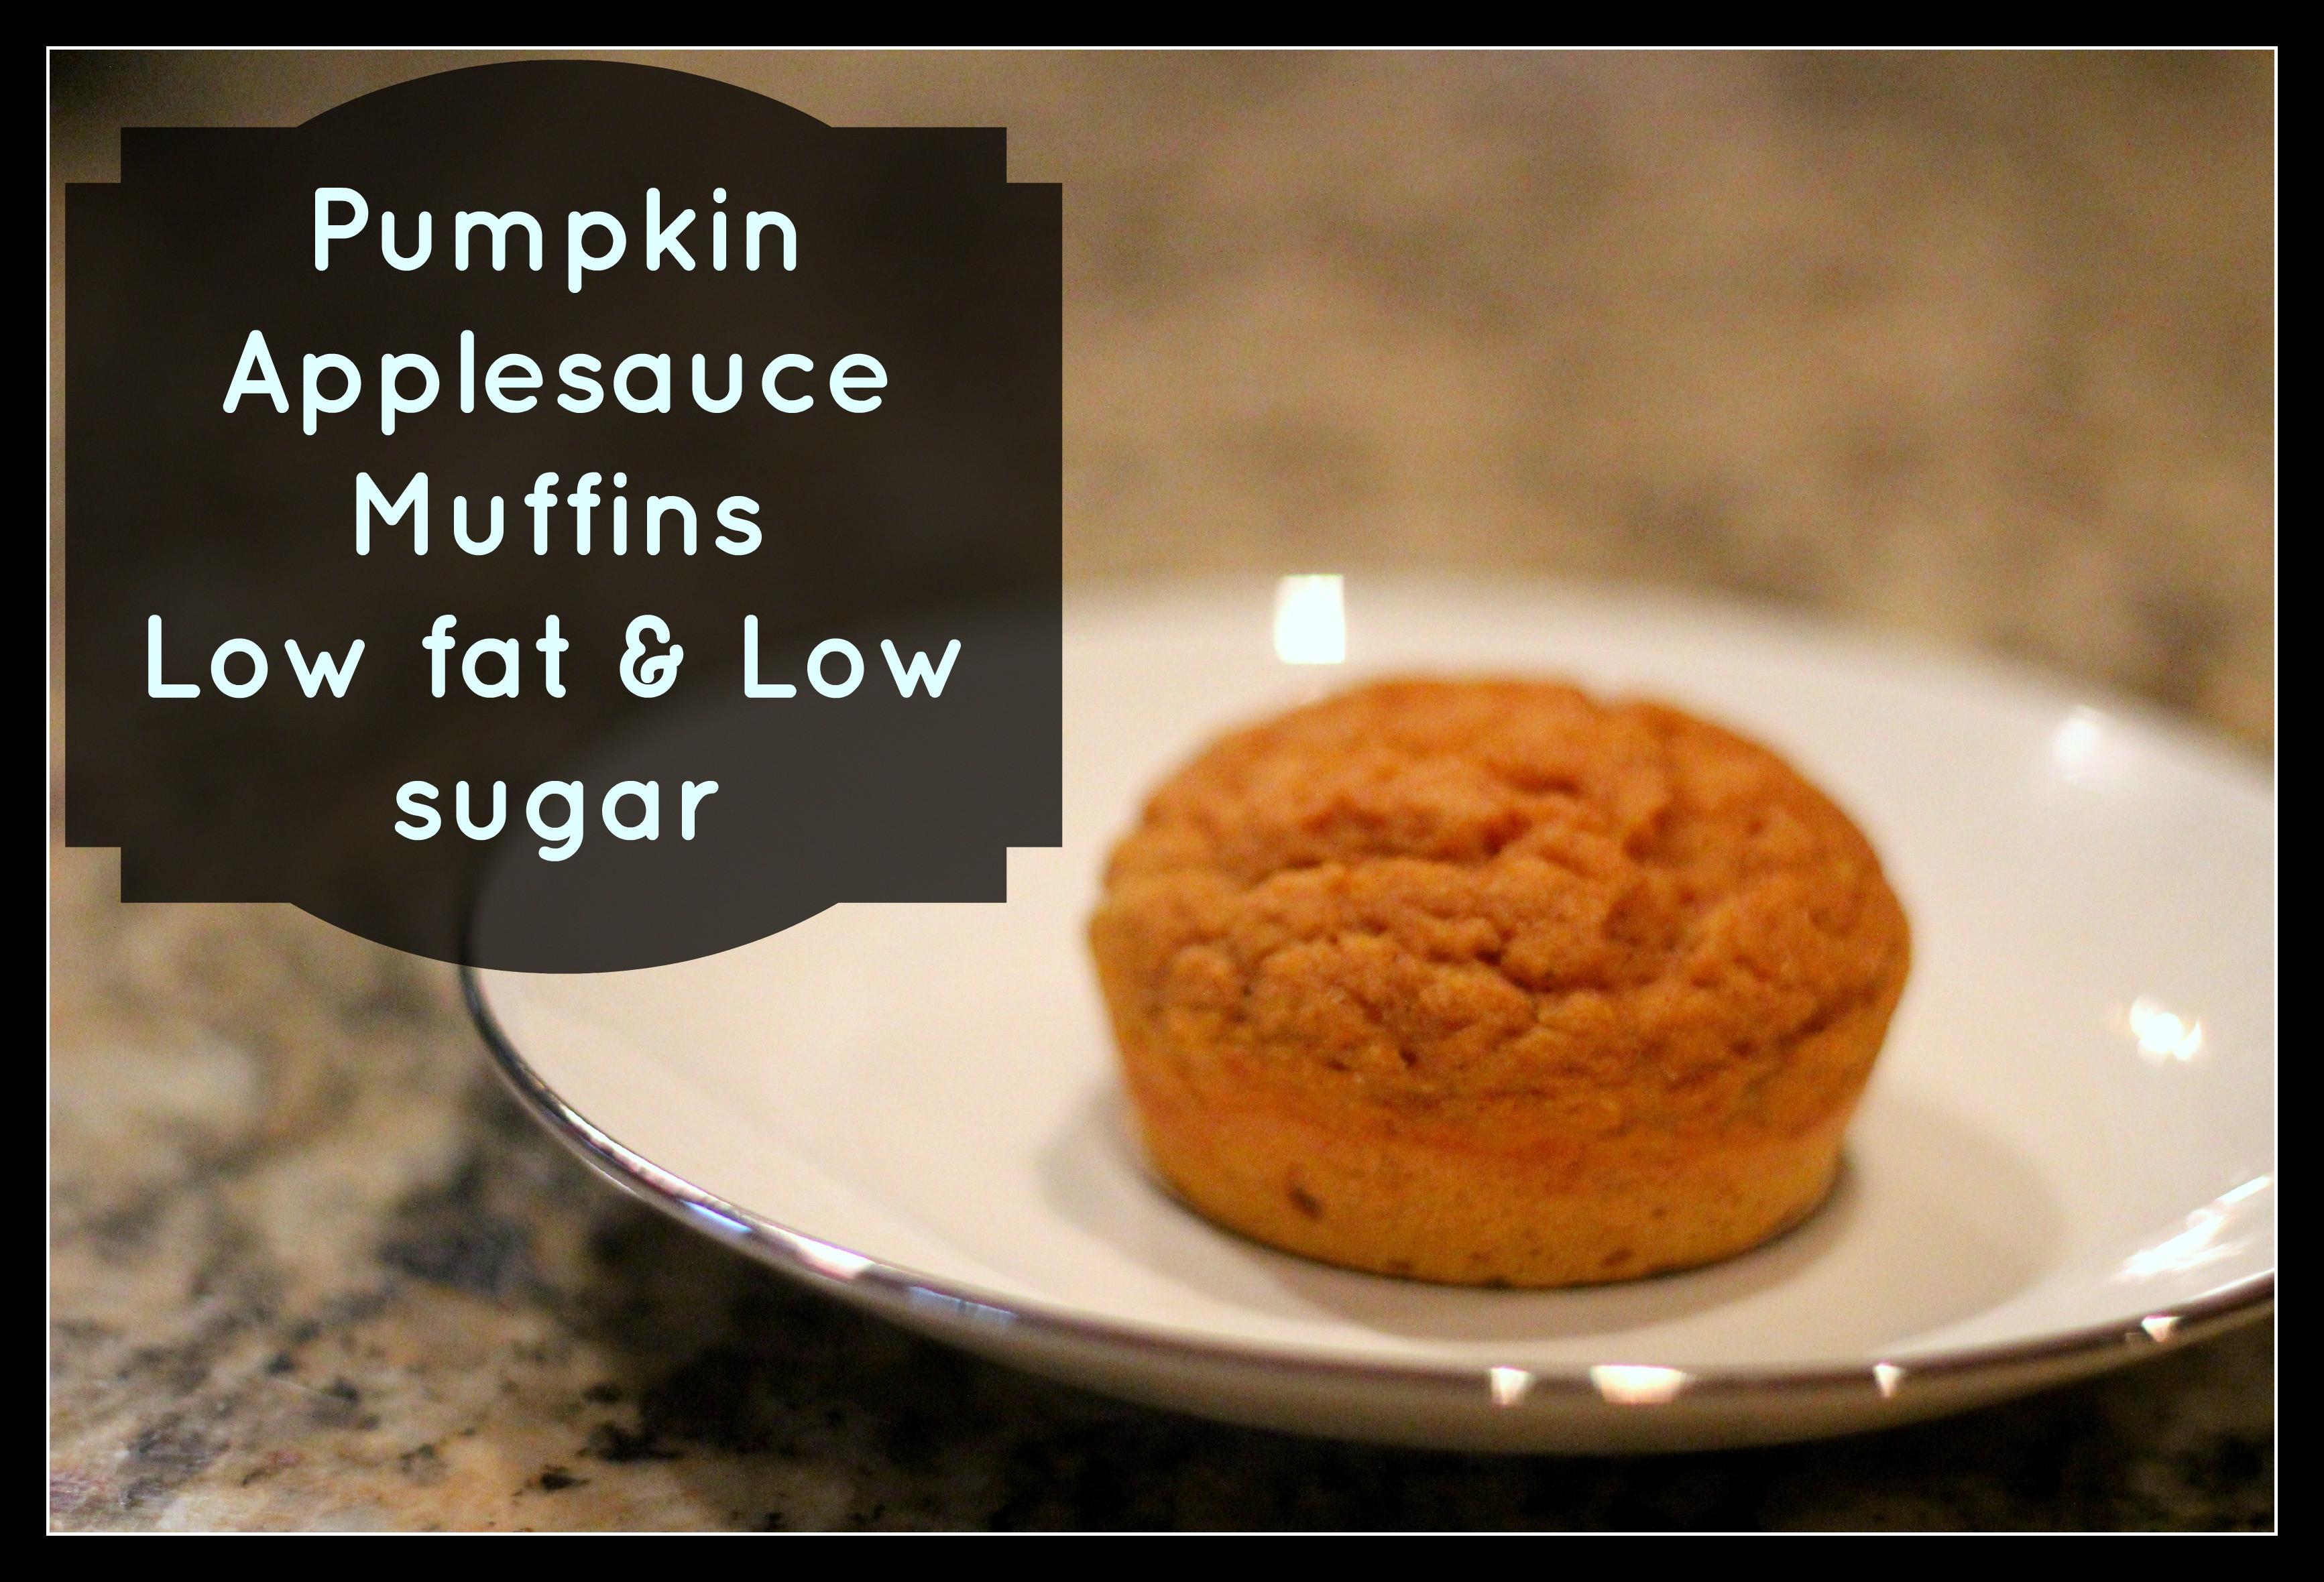 Healthy Applesauce Muffins No Sugar  Pumpkin Applesauce Muffins Trim Healthy Mama E Grassfed